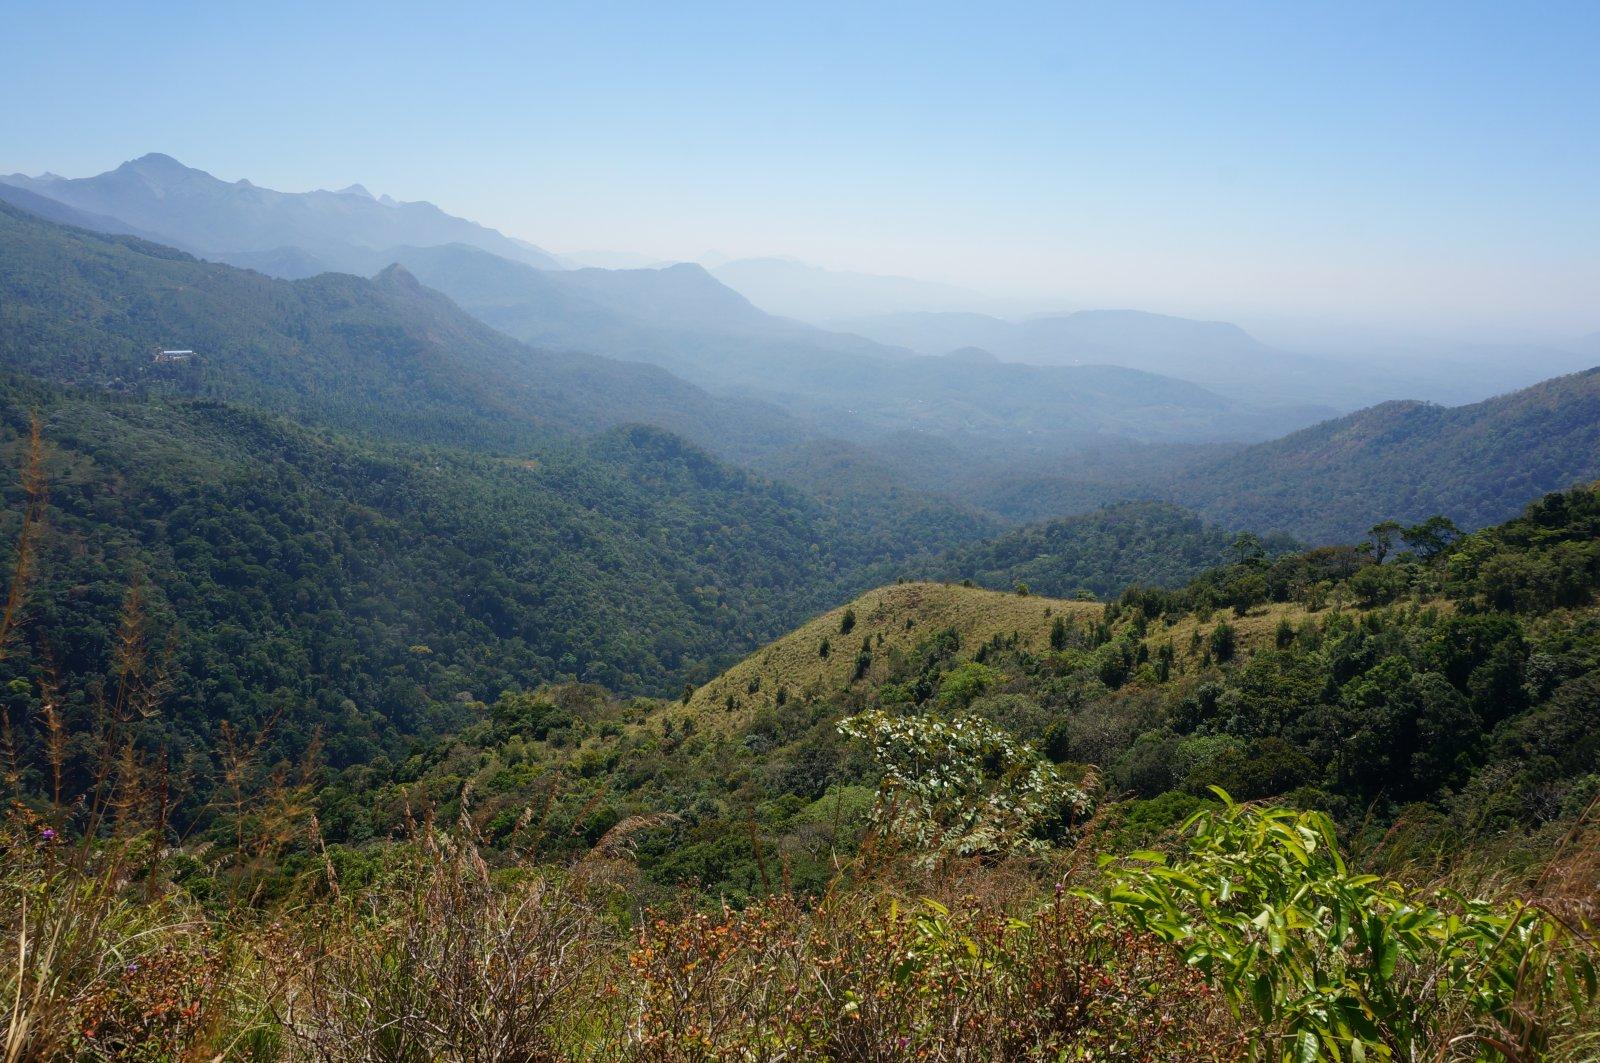 Великолепные пейзажи гор Южной Индии — экскурсия в Понмуди на 1 день